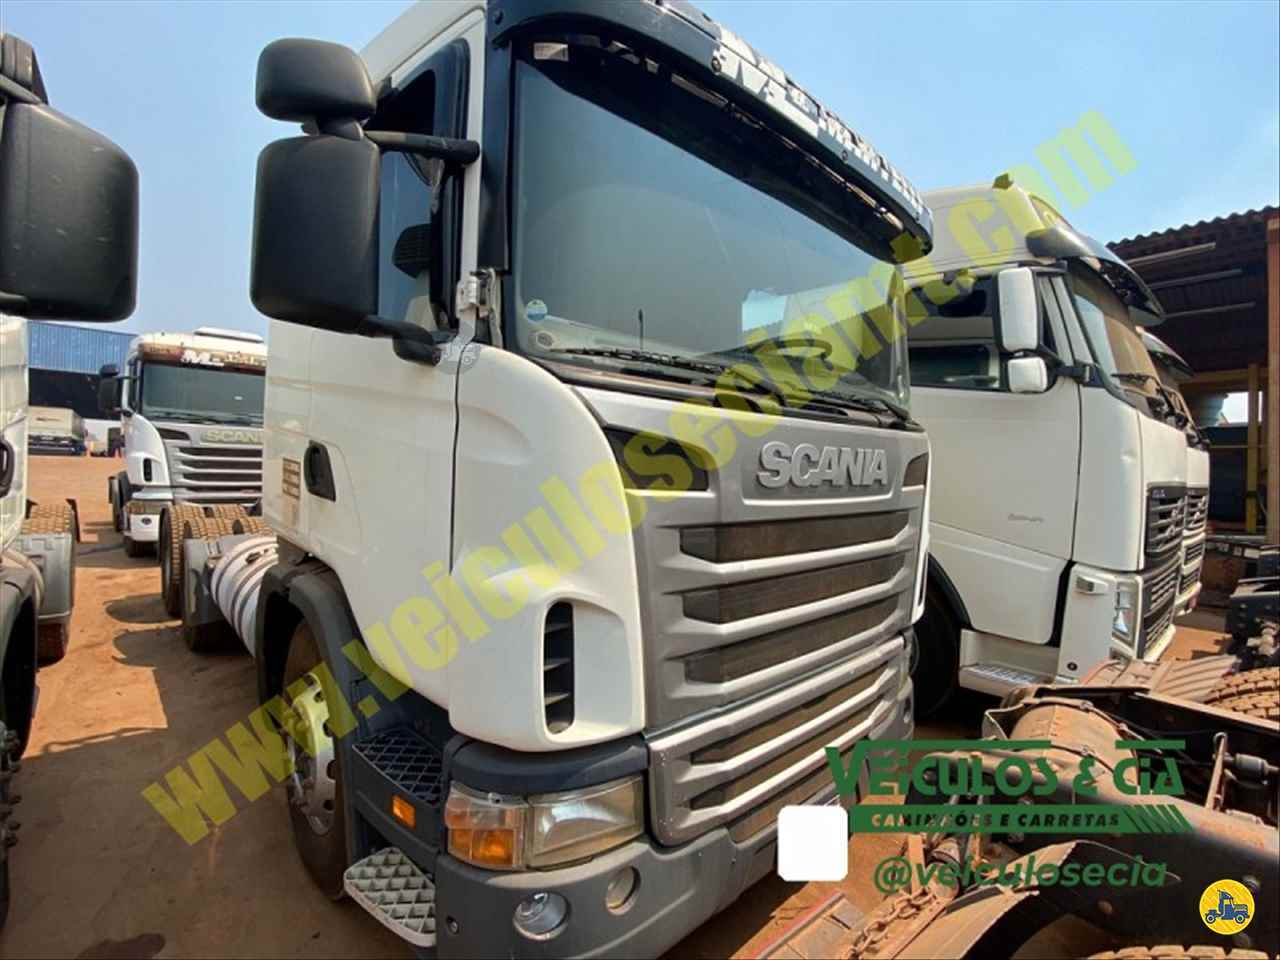 CAMINHAO SCANIA SCANIA 420 Cavalo Mecânico Traçado 6x4 Veículos e Cia JACIARA MATO GROSSO MT